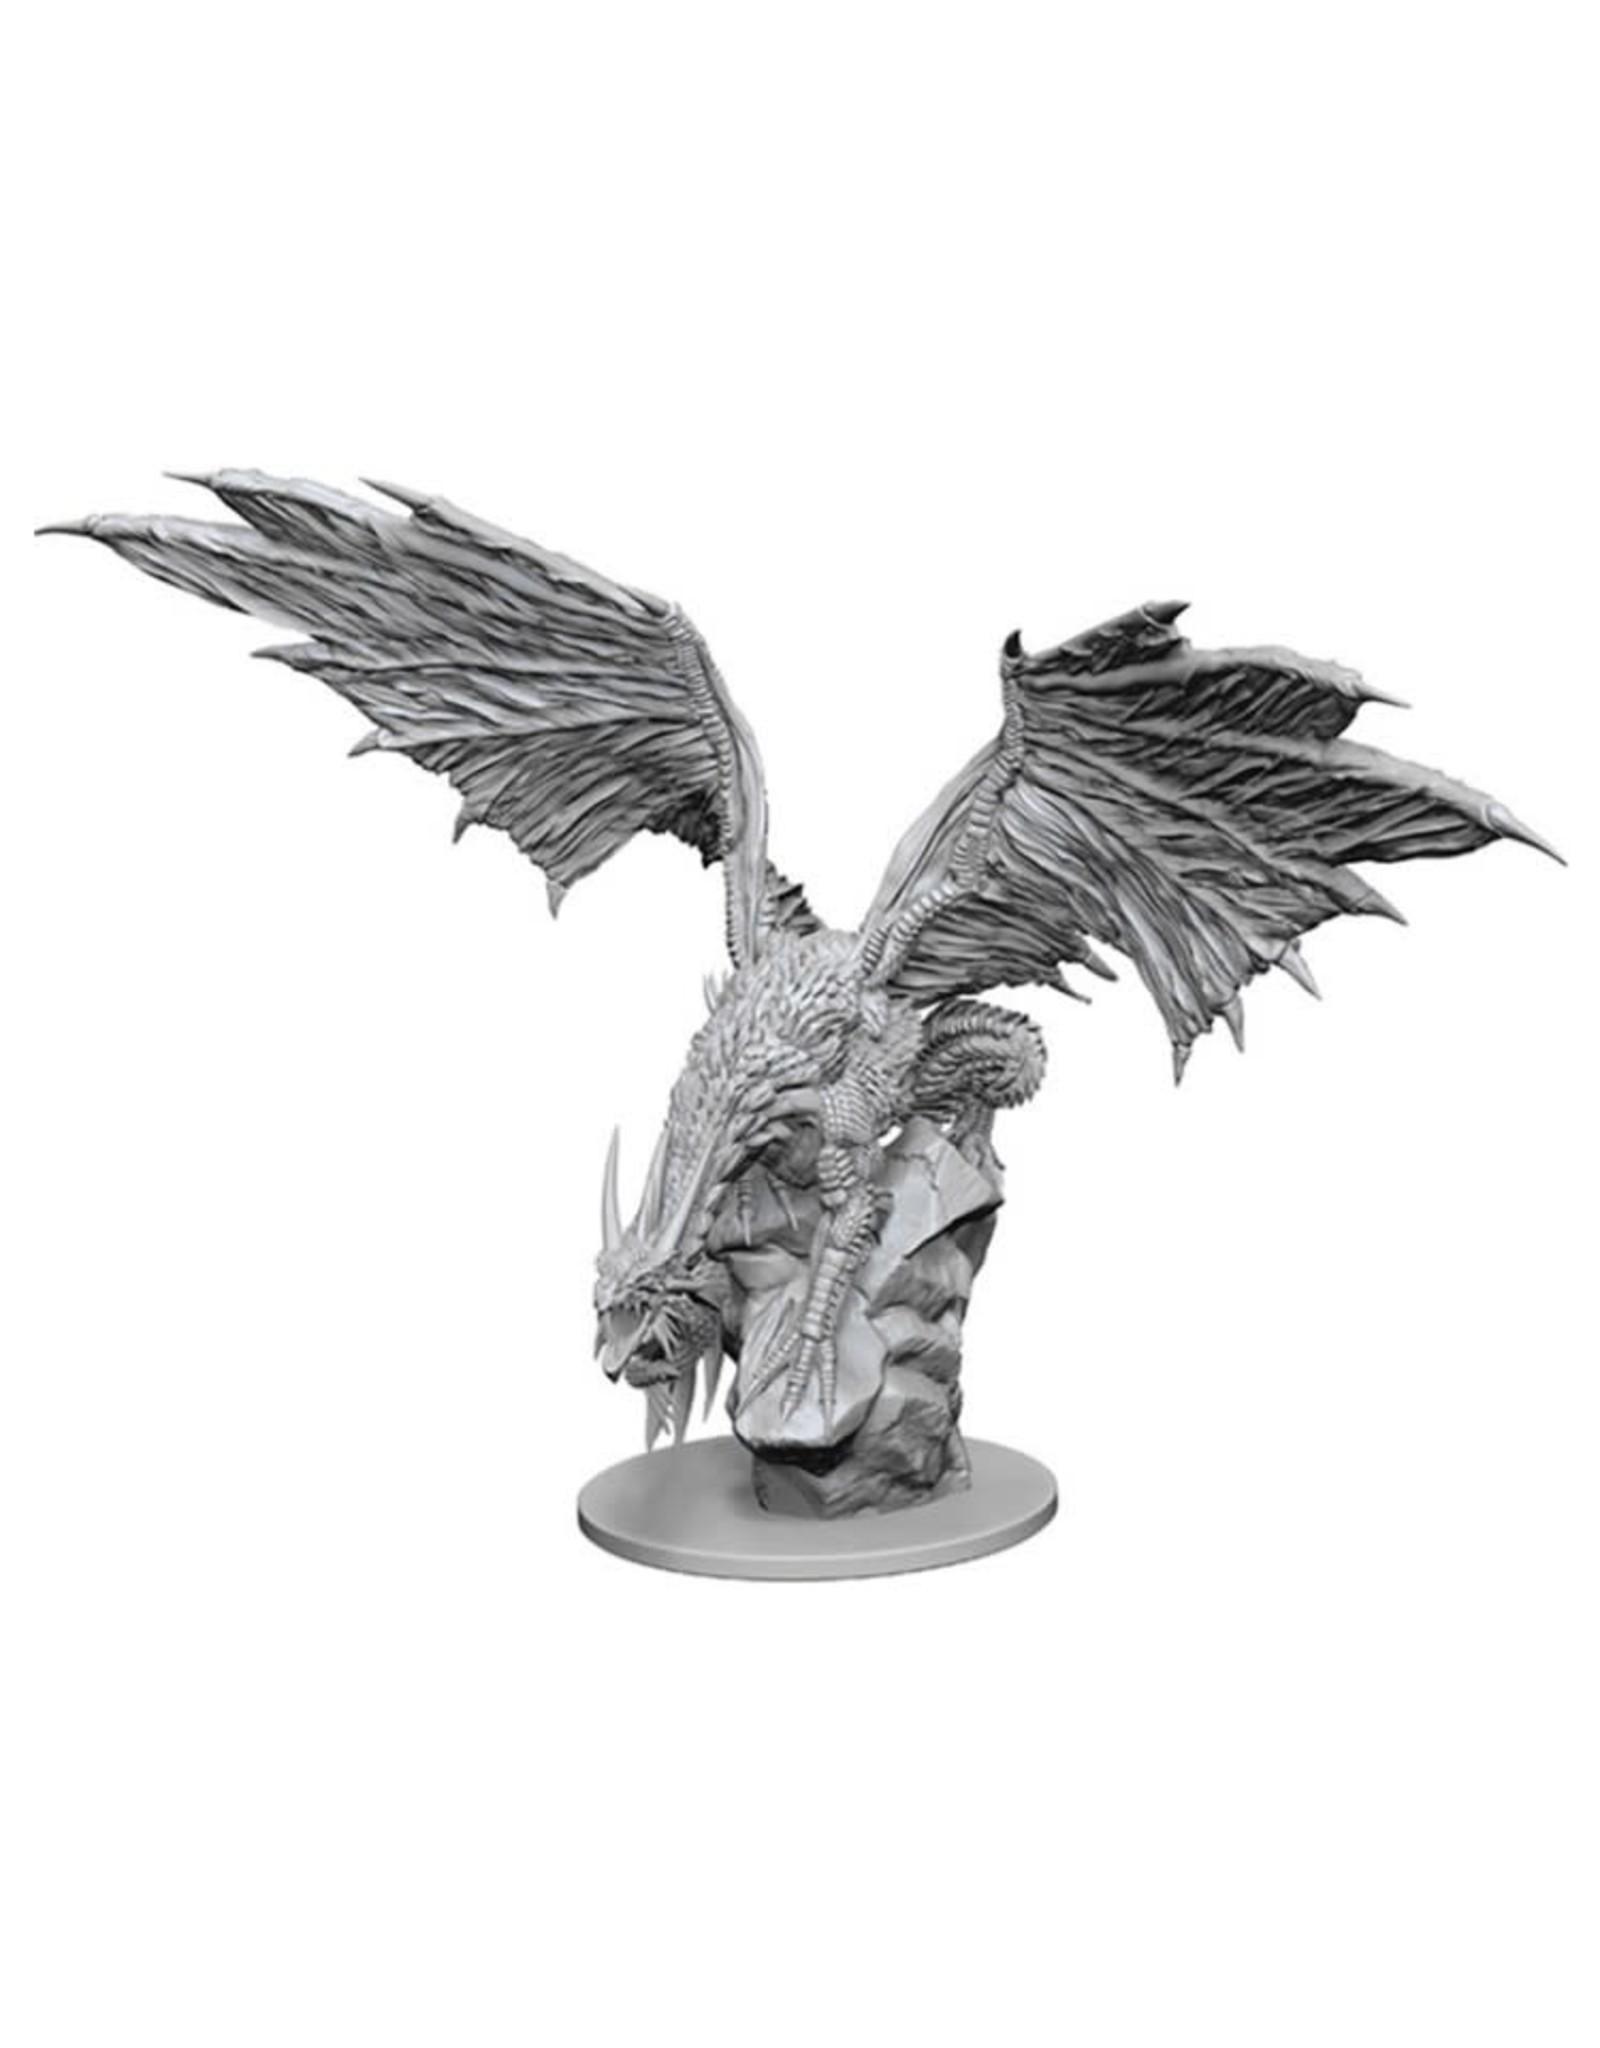 WizKids Pathfinder Minis (unpainted): Silver Dragon Wave 4, 73186